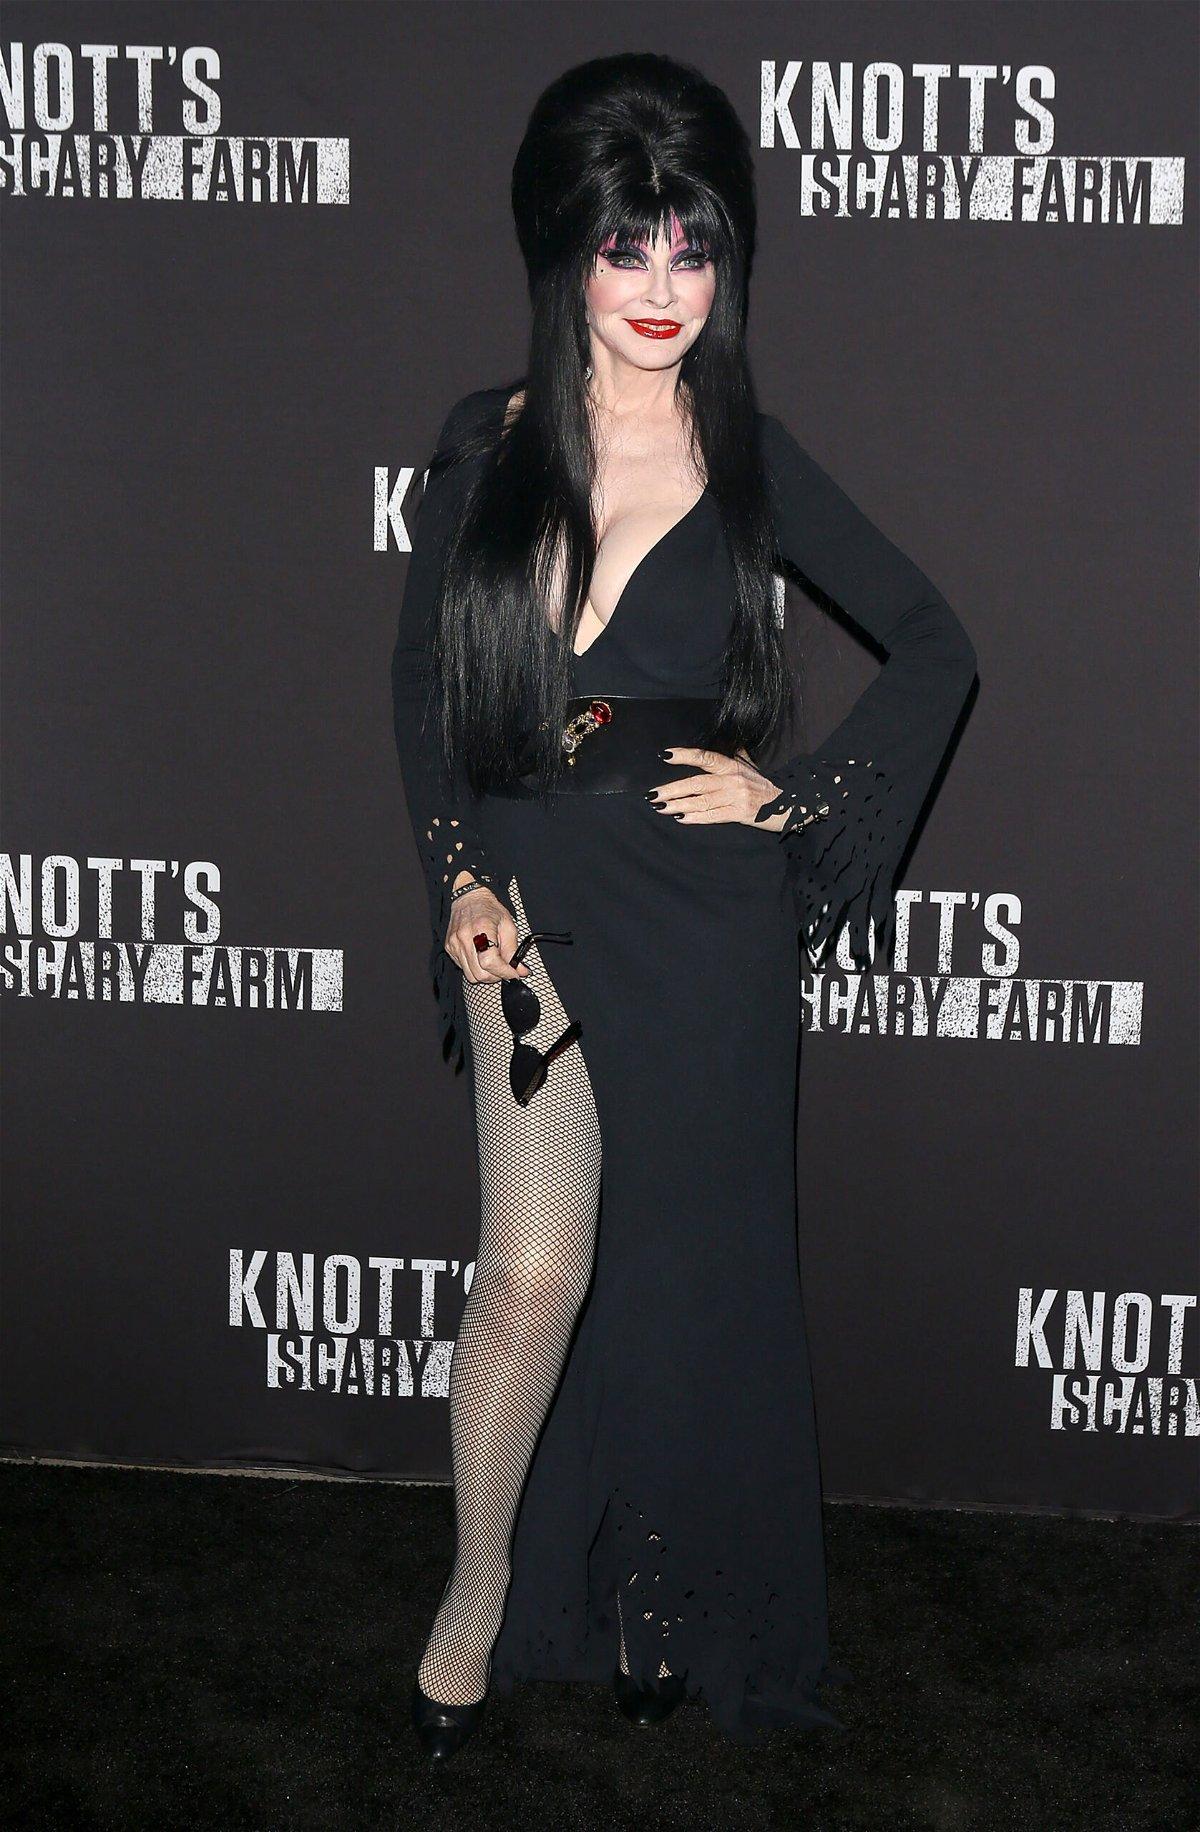 <i>Michael Tran/FilmMagic/Getty Images</i><br/>Elvira